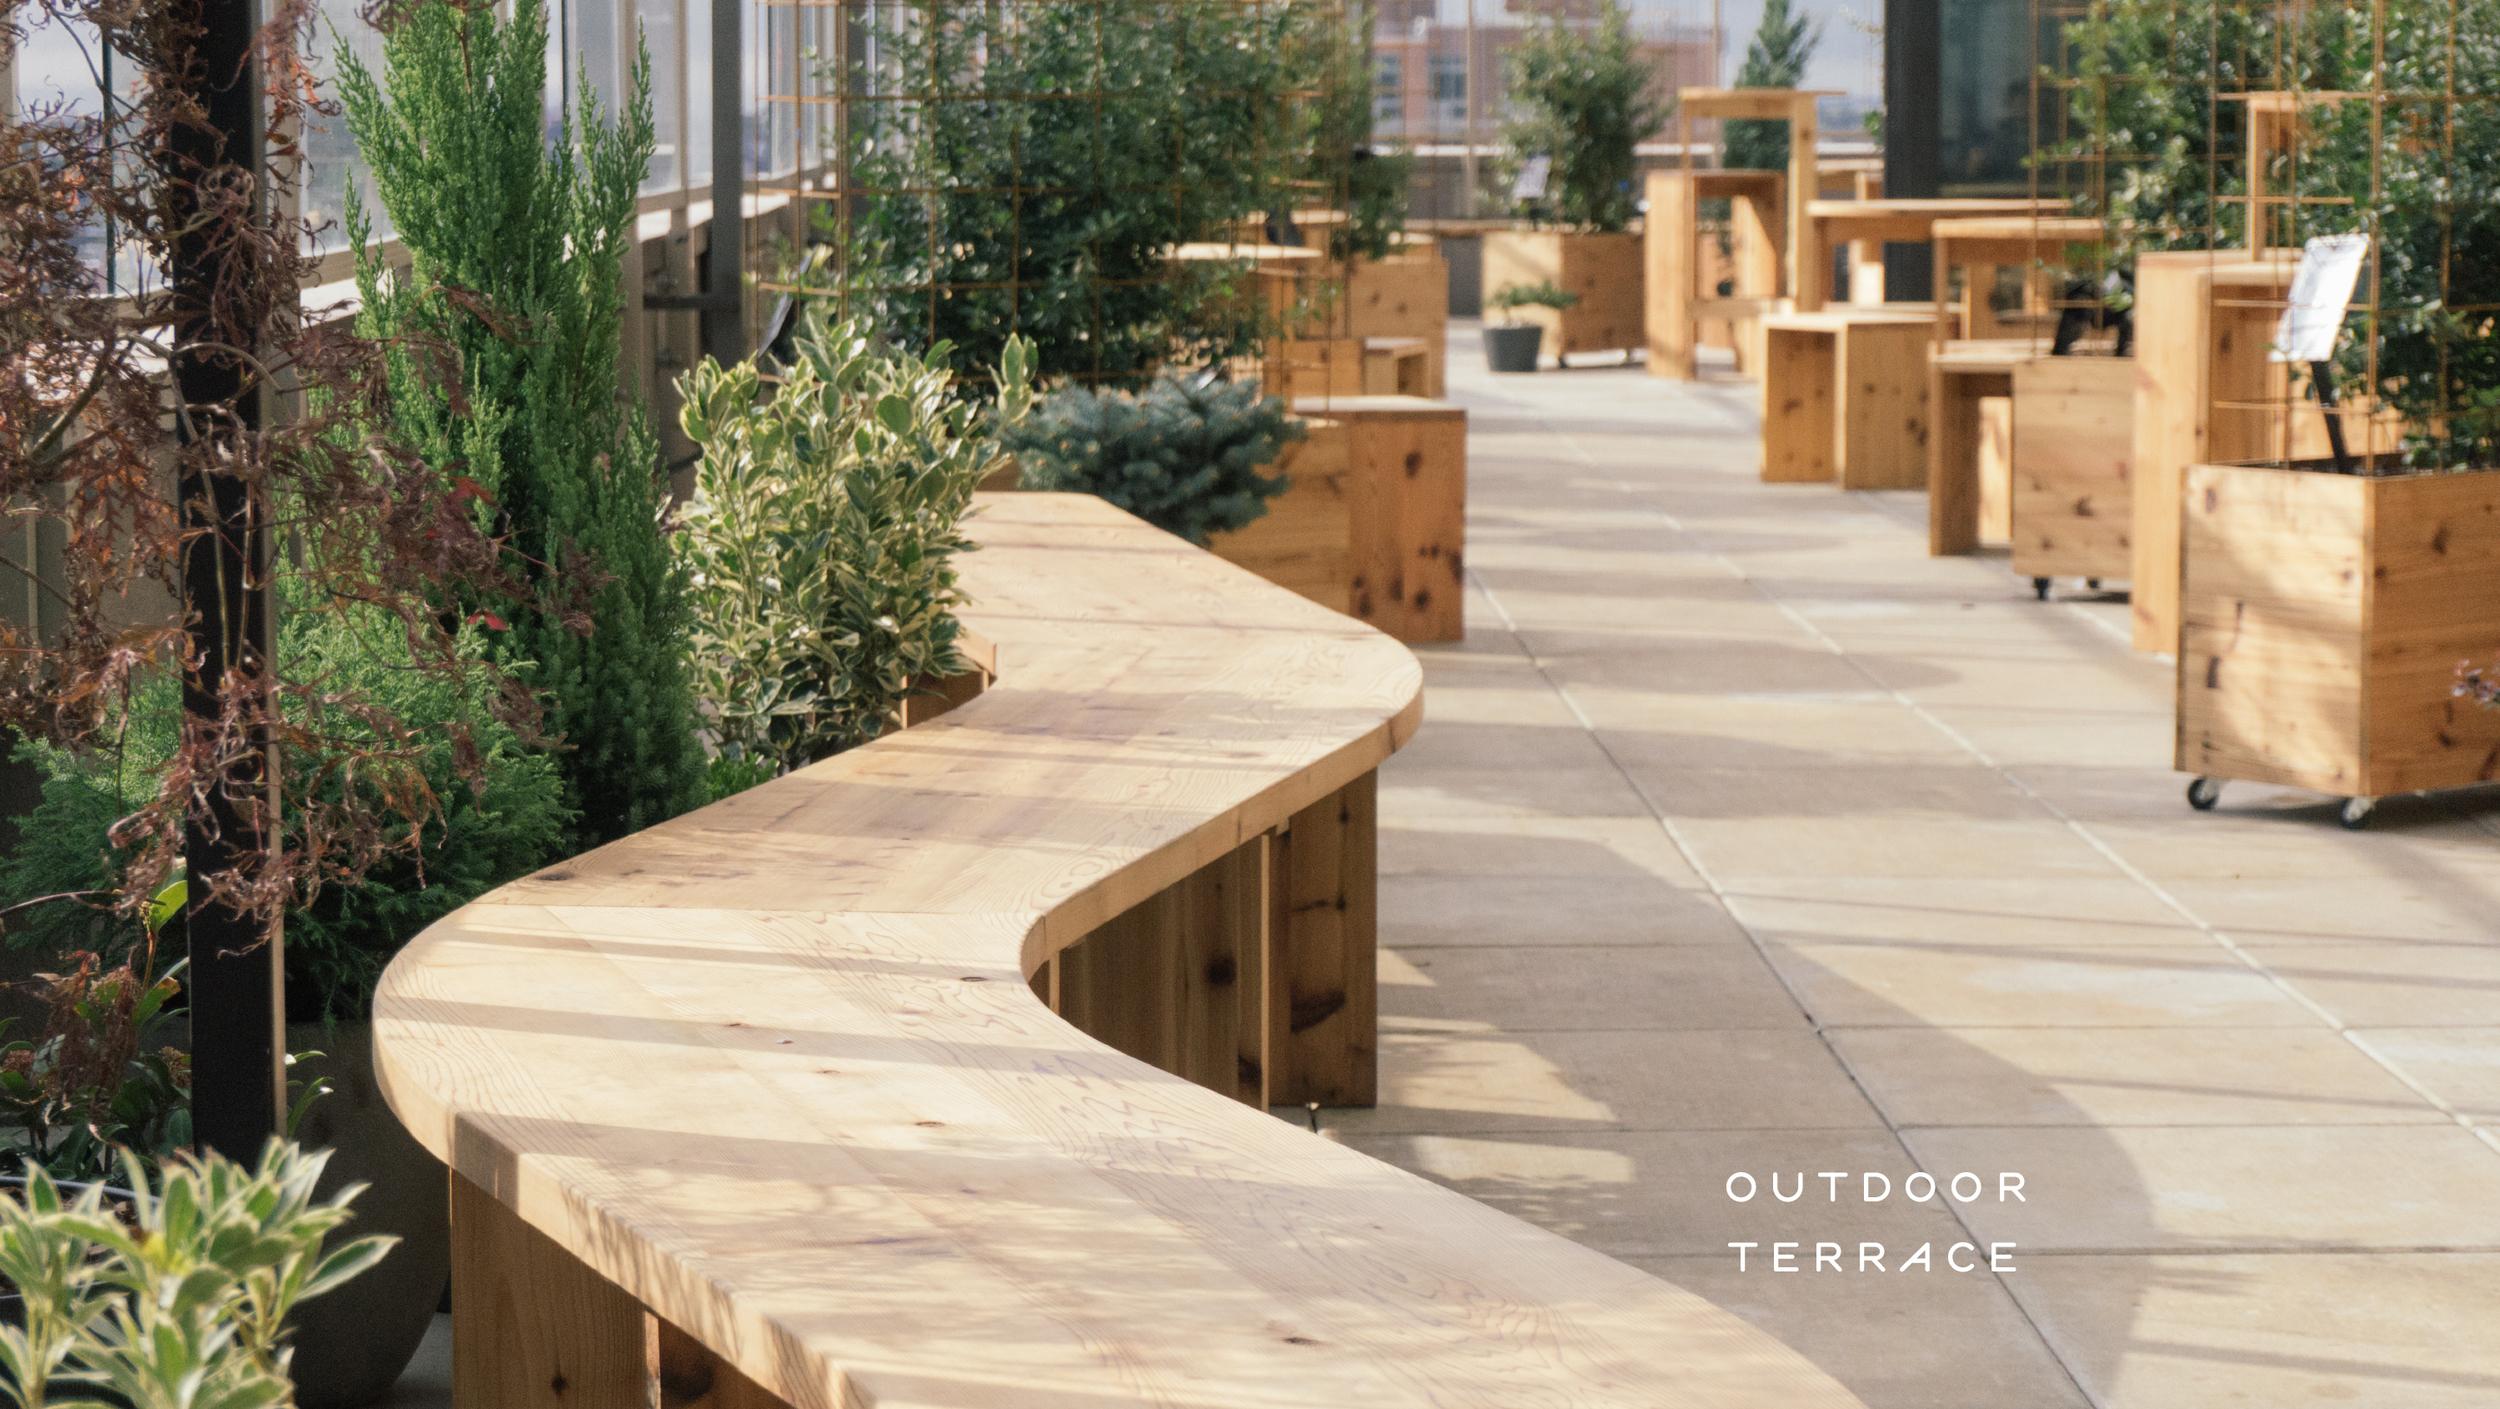 KImoto Outdoor Terrace